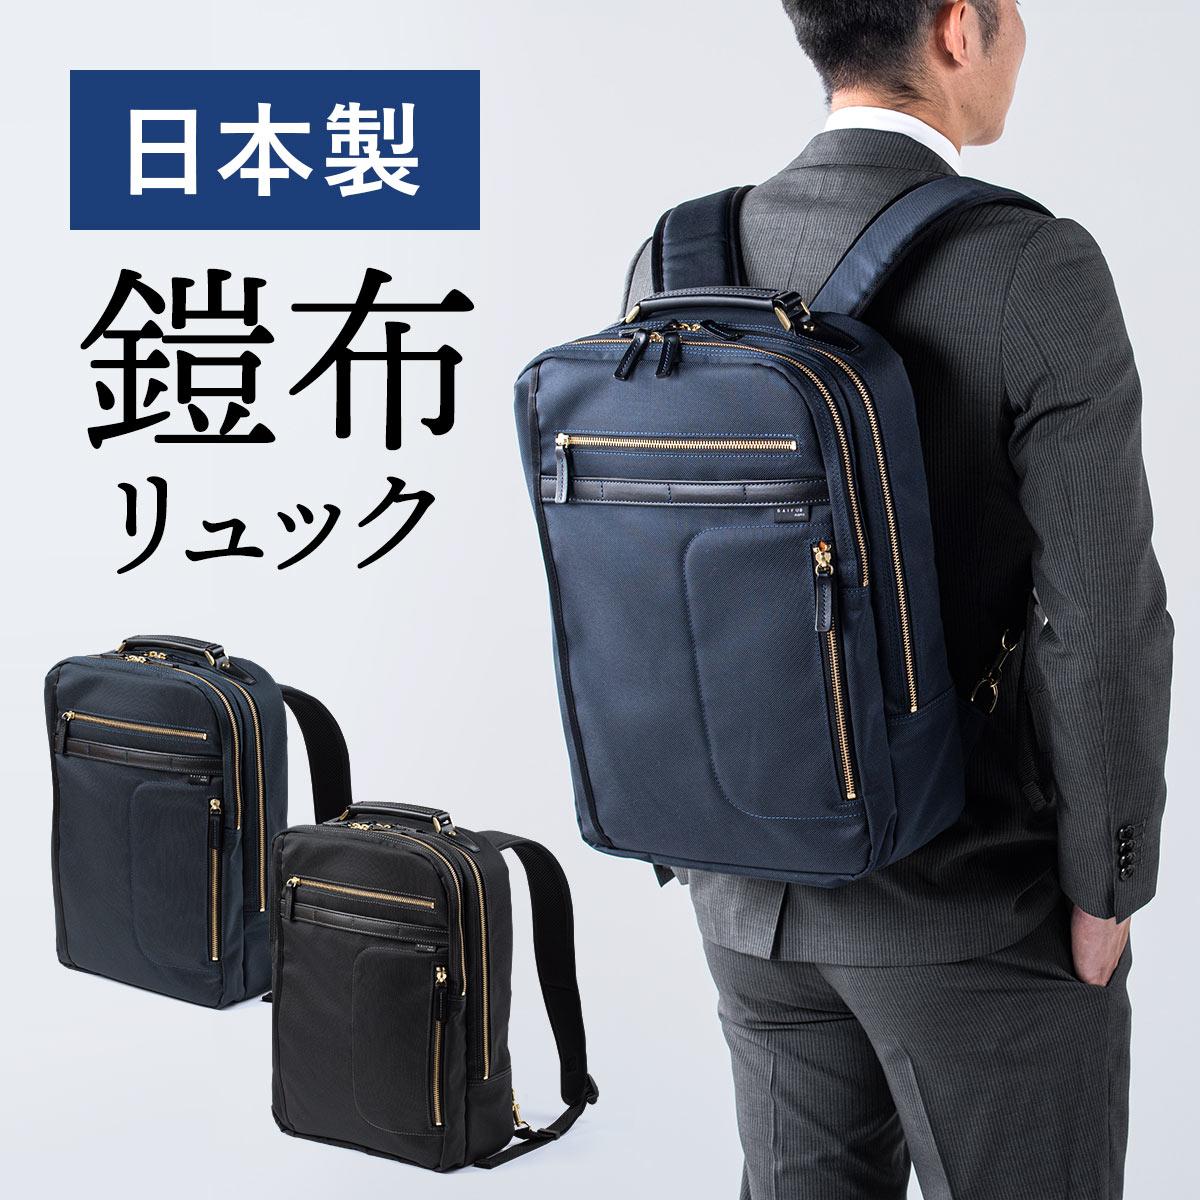 ビジネスリュック メンズ 鎧布 自立 日本製 鎧布生地 ダブルルーム 18L A4 おしゃれ 通勤 ギフト 贈り物 プレゼント PCリュック